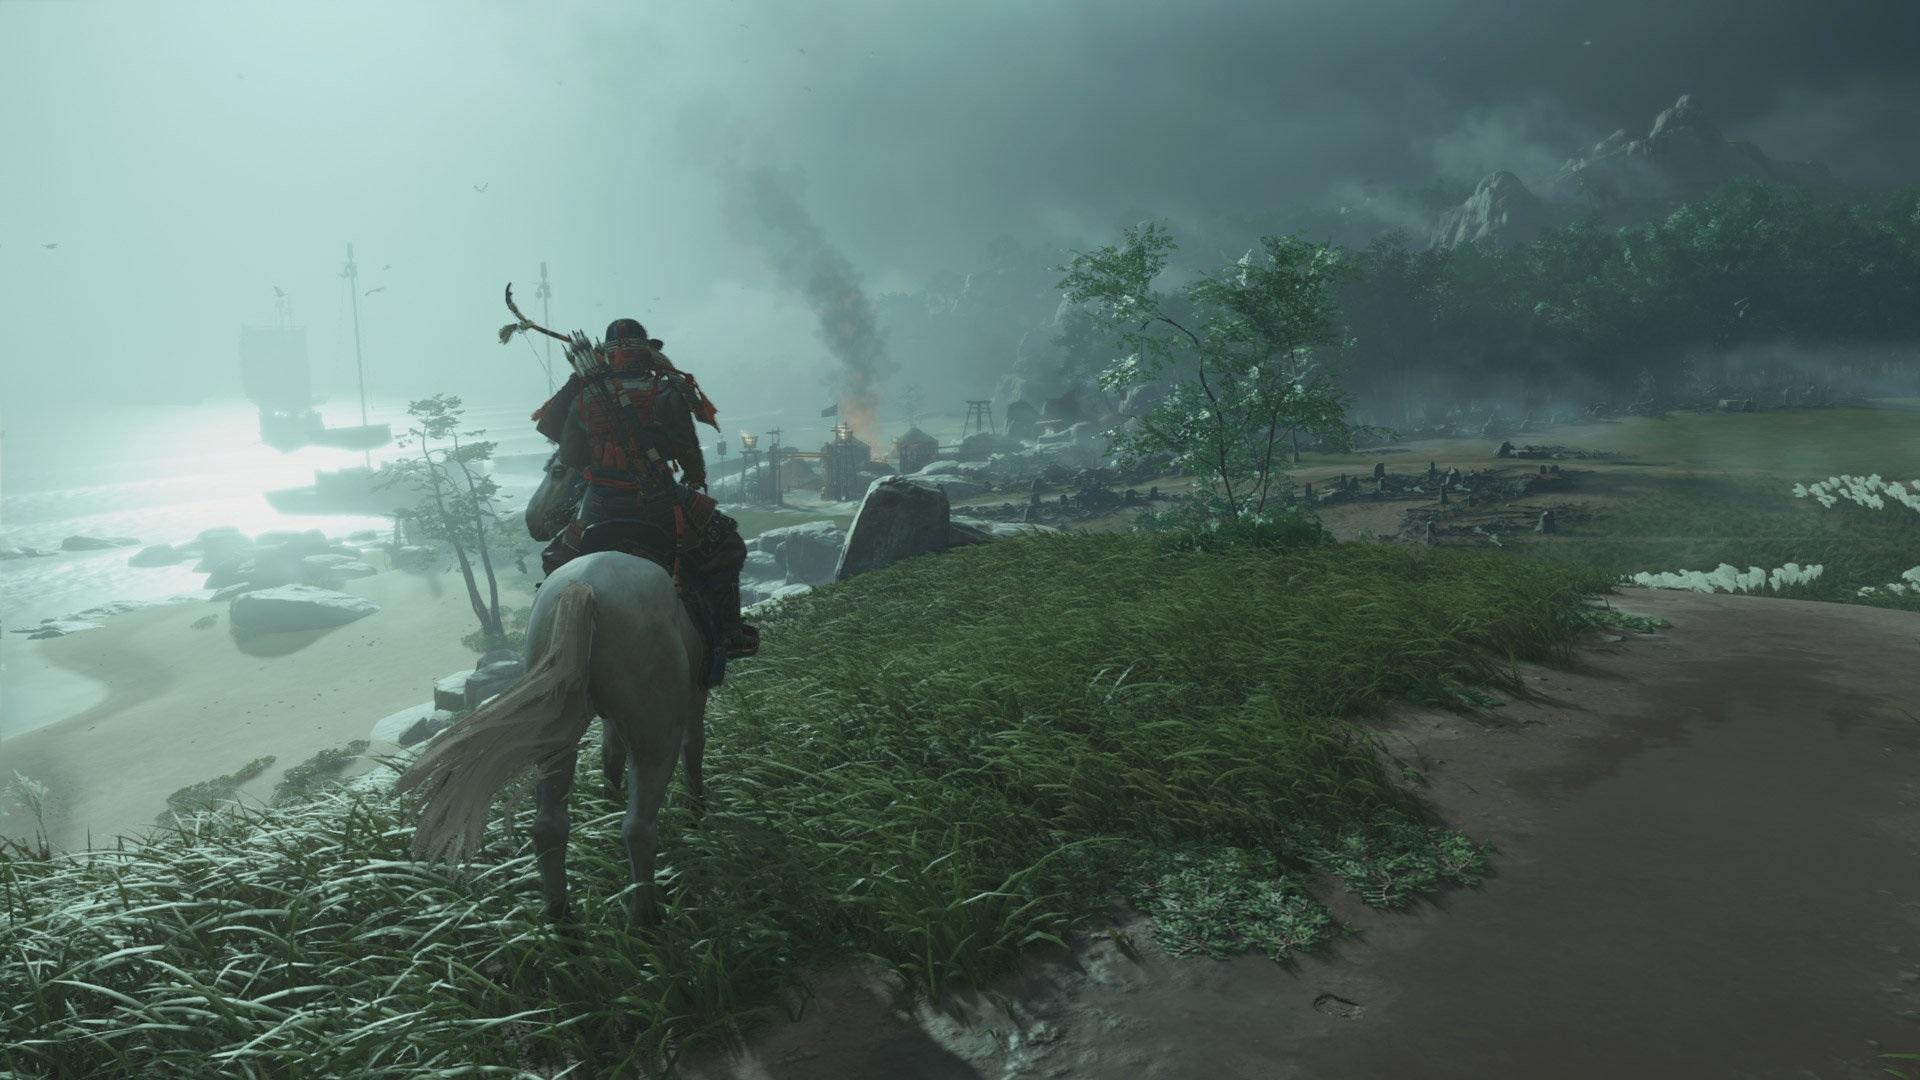 《对马岛之鬼:导演剪辑版》即将发售 艺术总监透露更多游戏细节  第3张